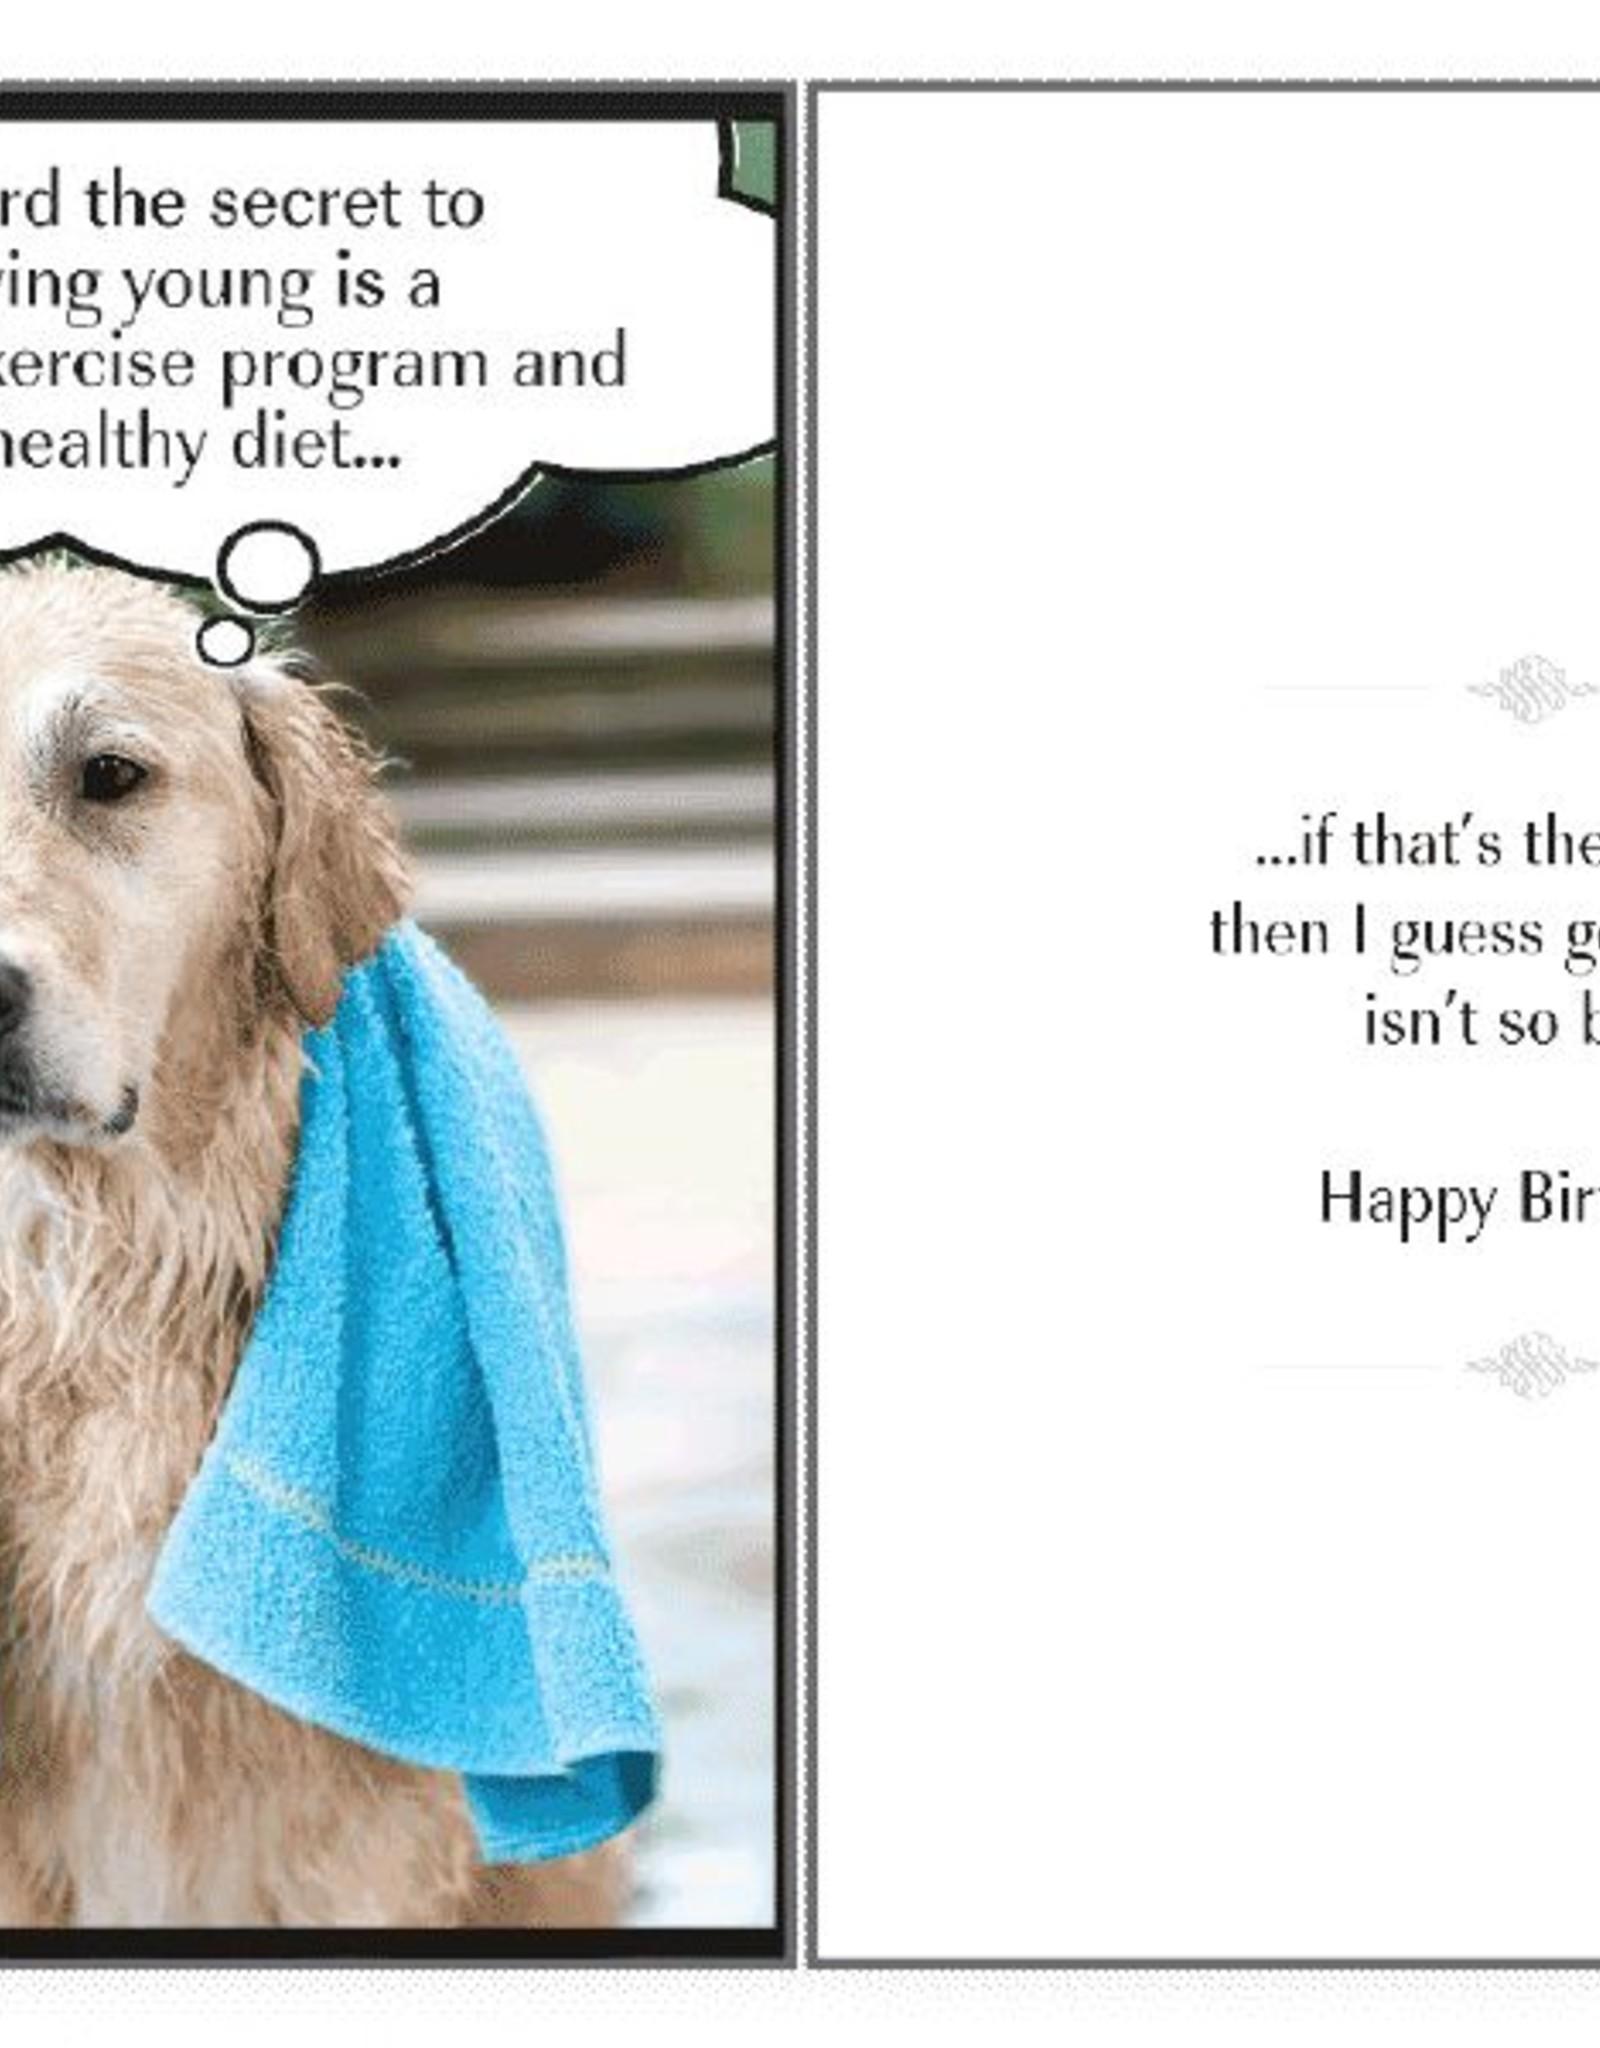 Dog Speak Dog Speak Card - Birthday - The Secret to Staying Young